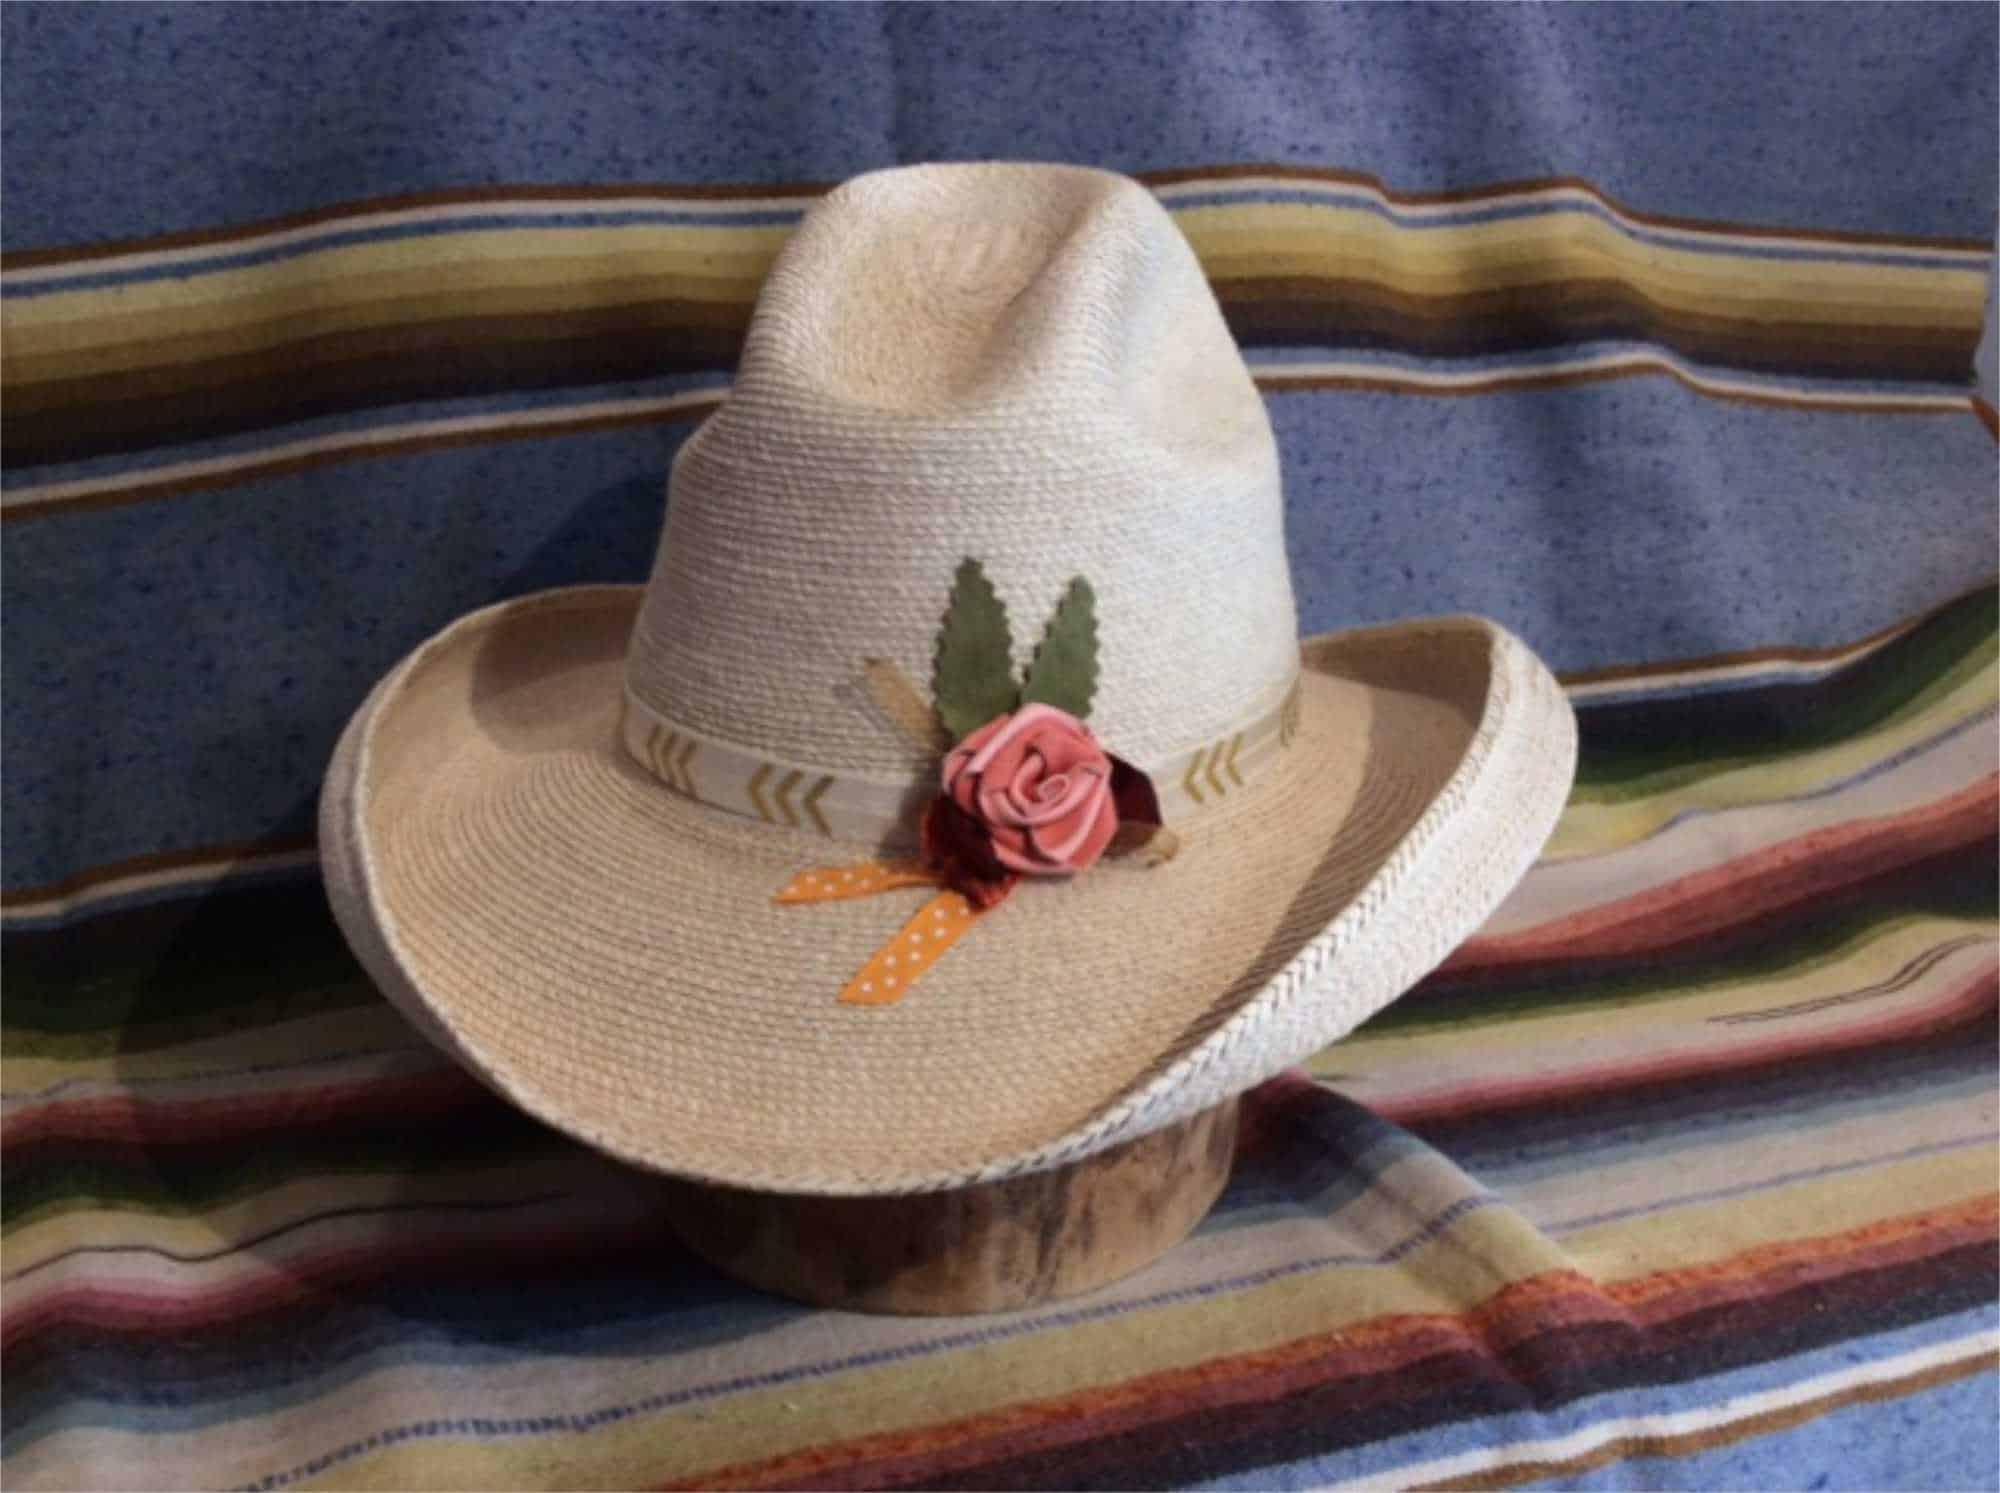 fine palm straw dewcatcher hat